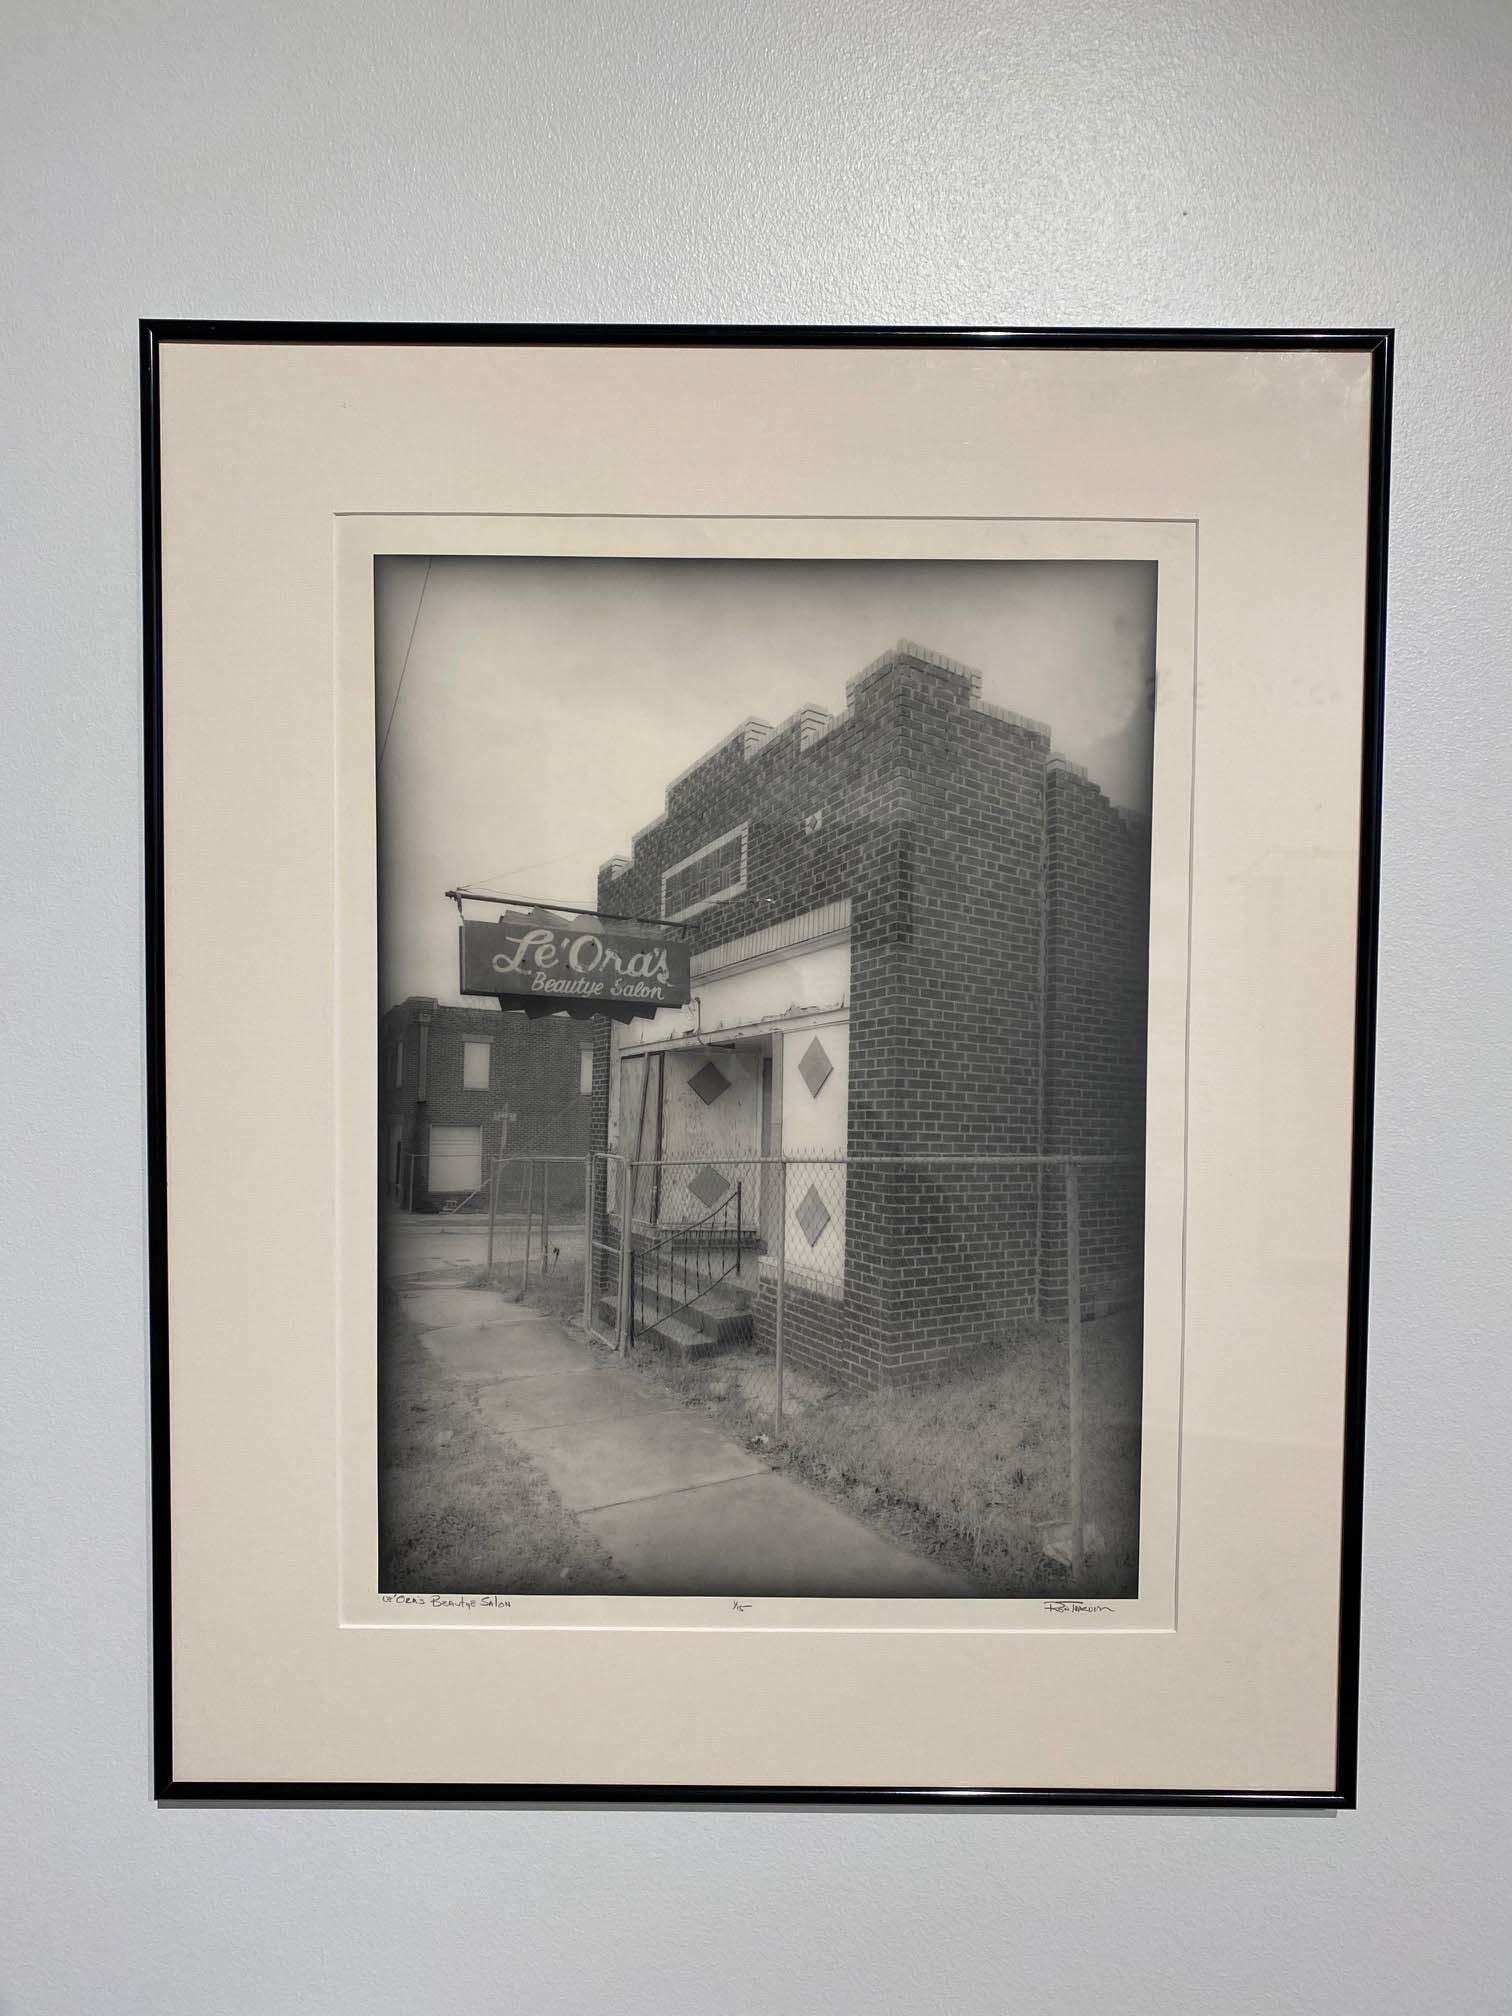 A photograph of a beauty salon in Deep Deuce, Oklahoma City